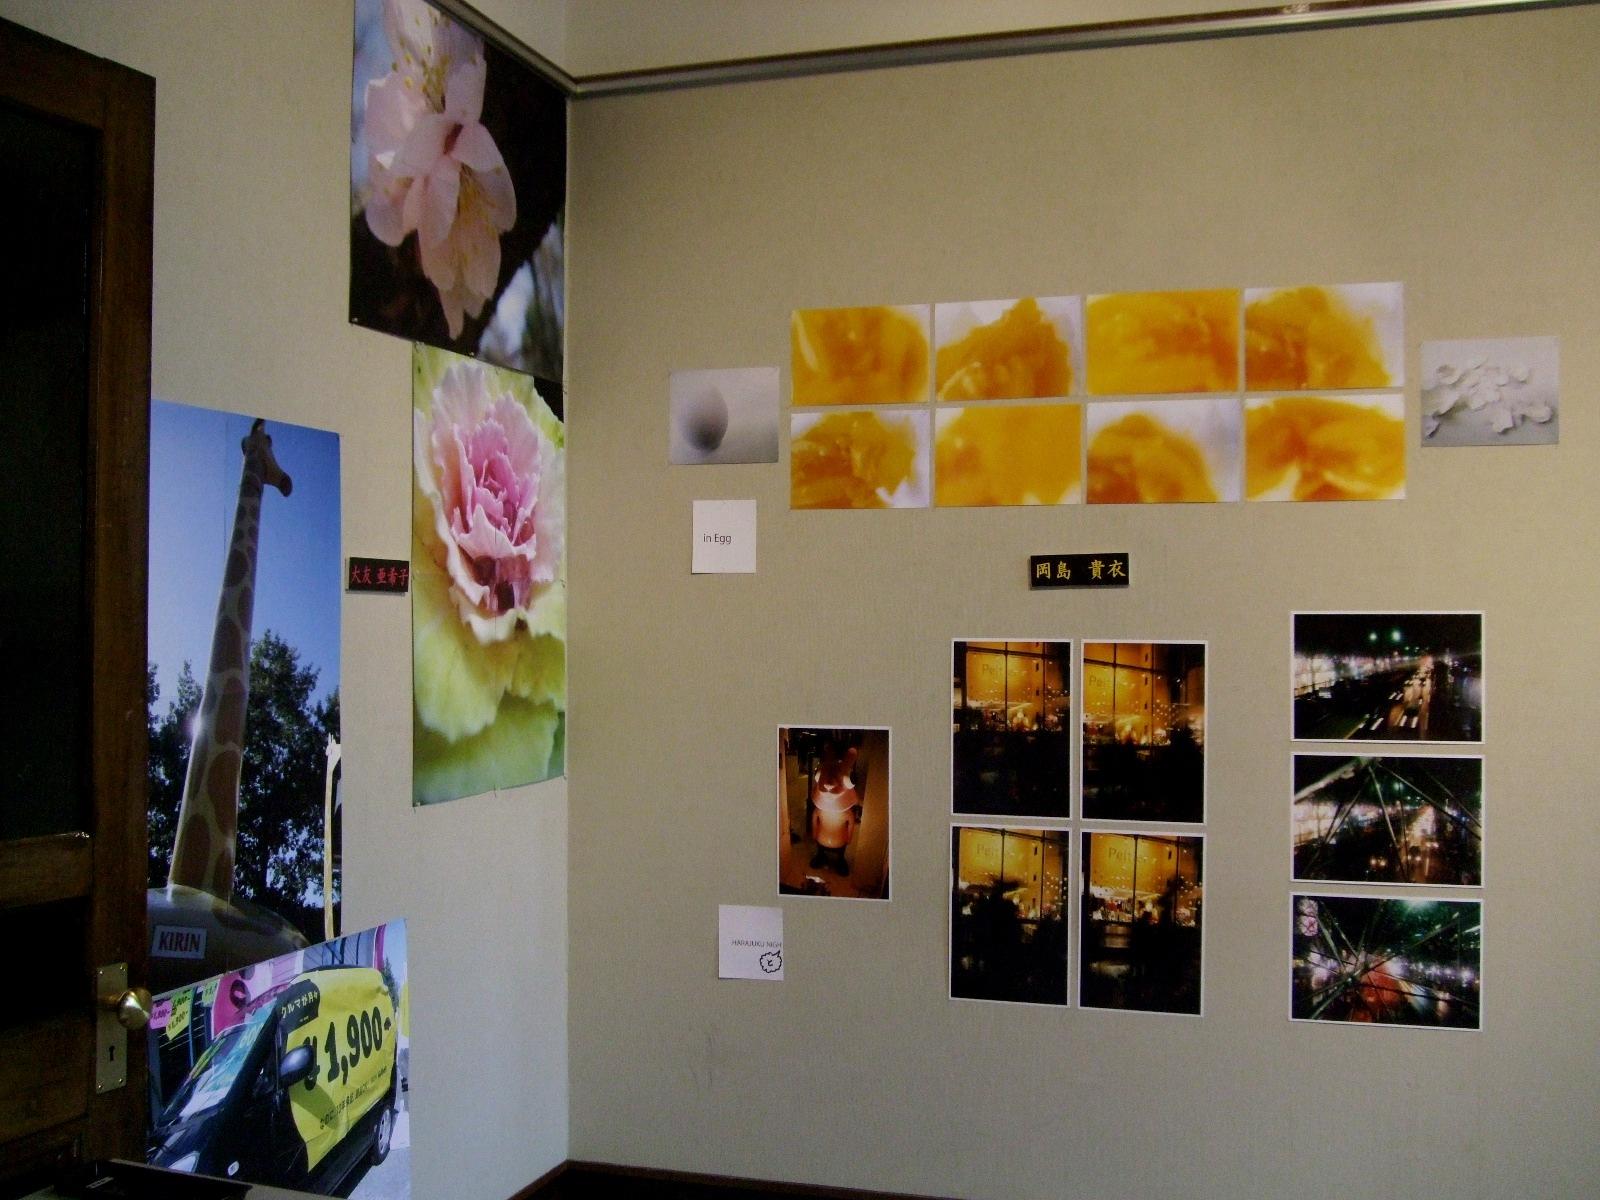 1271) 資料館 「ぽんち展 7 ~黄色い写真展~」 4月13日(火)~4月25日(日)  _f0126829_18465121.jpg